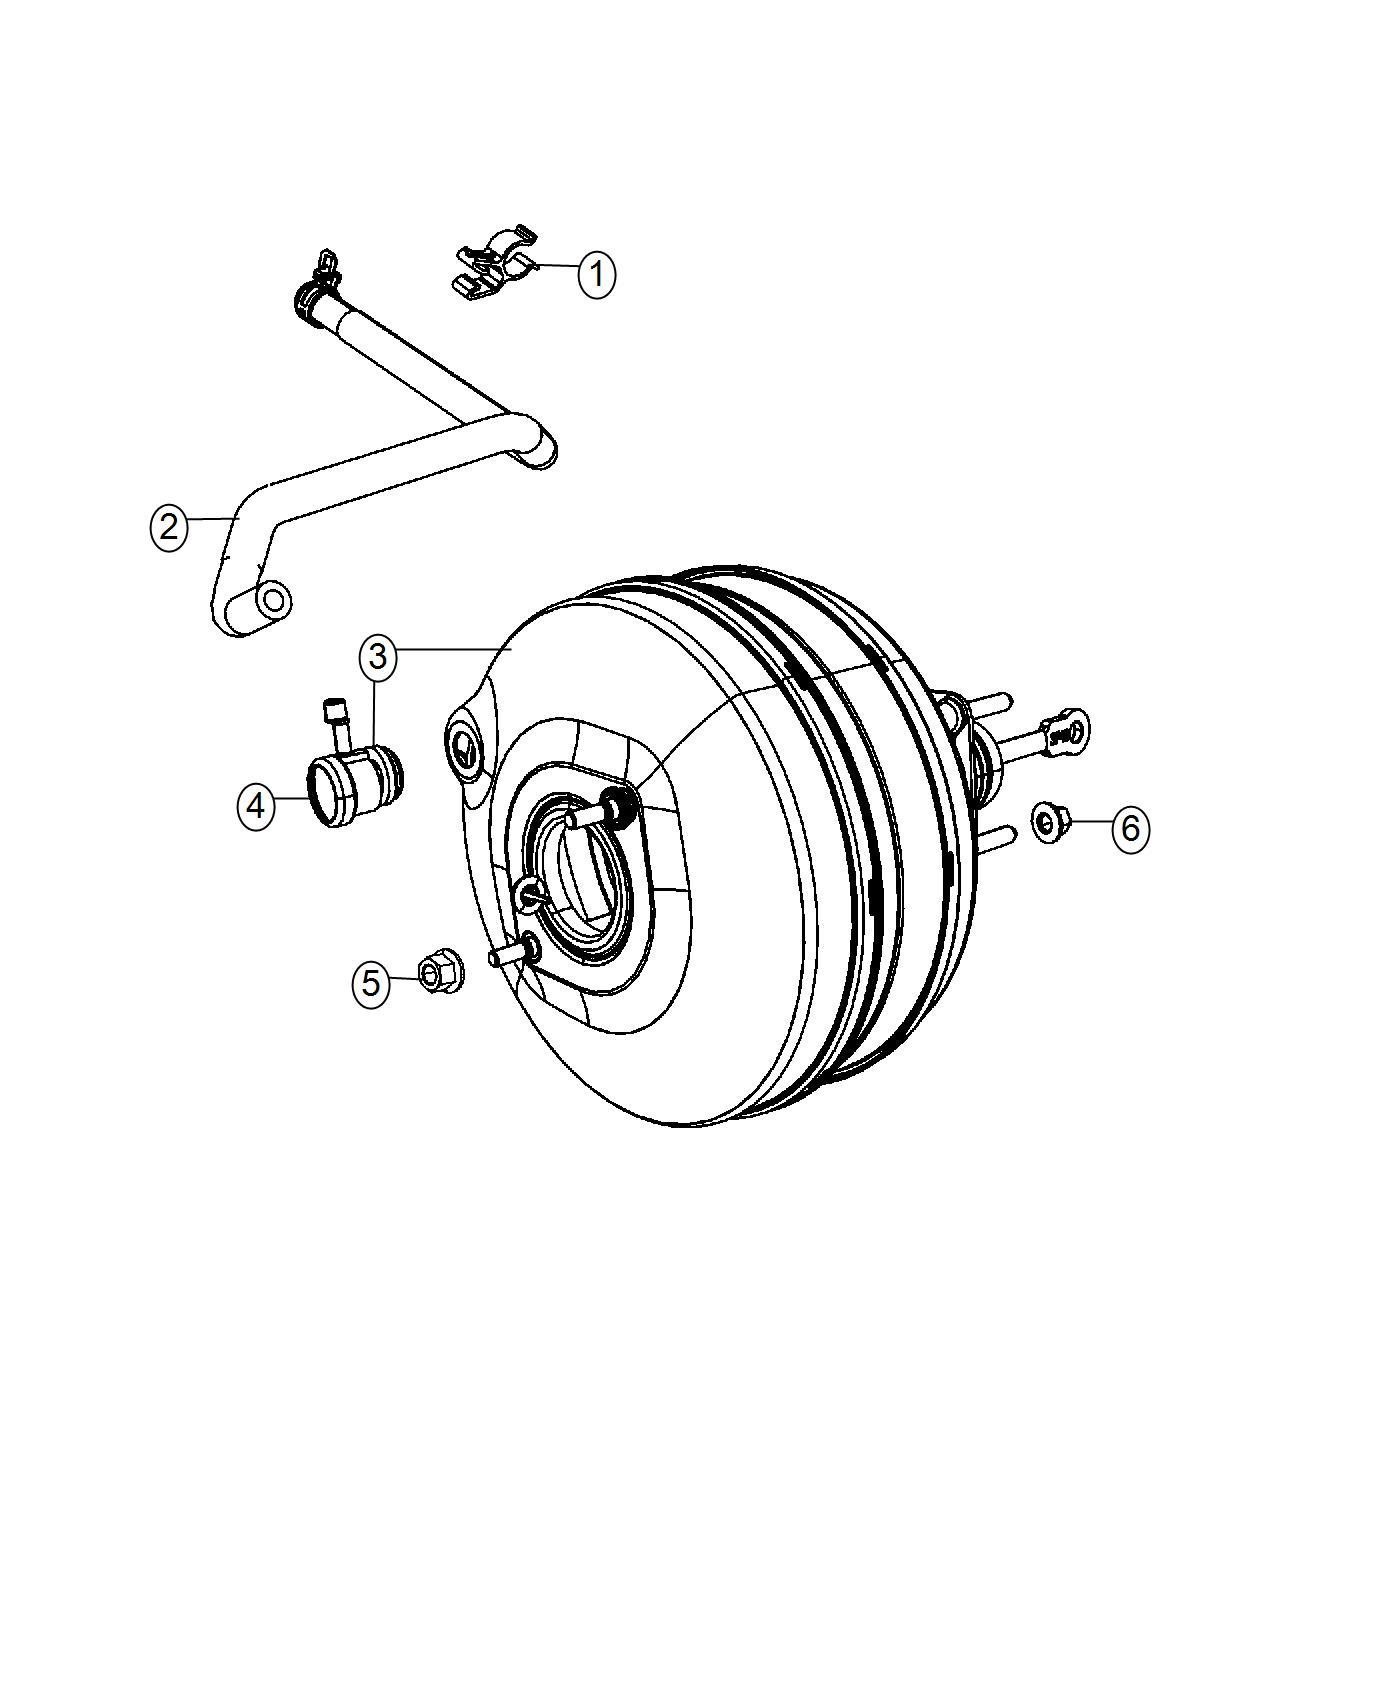 2017 Ram 2500 Booster. Power brake. Powerwagon, group